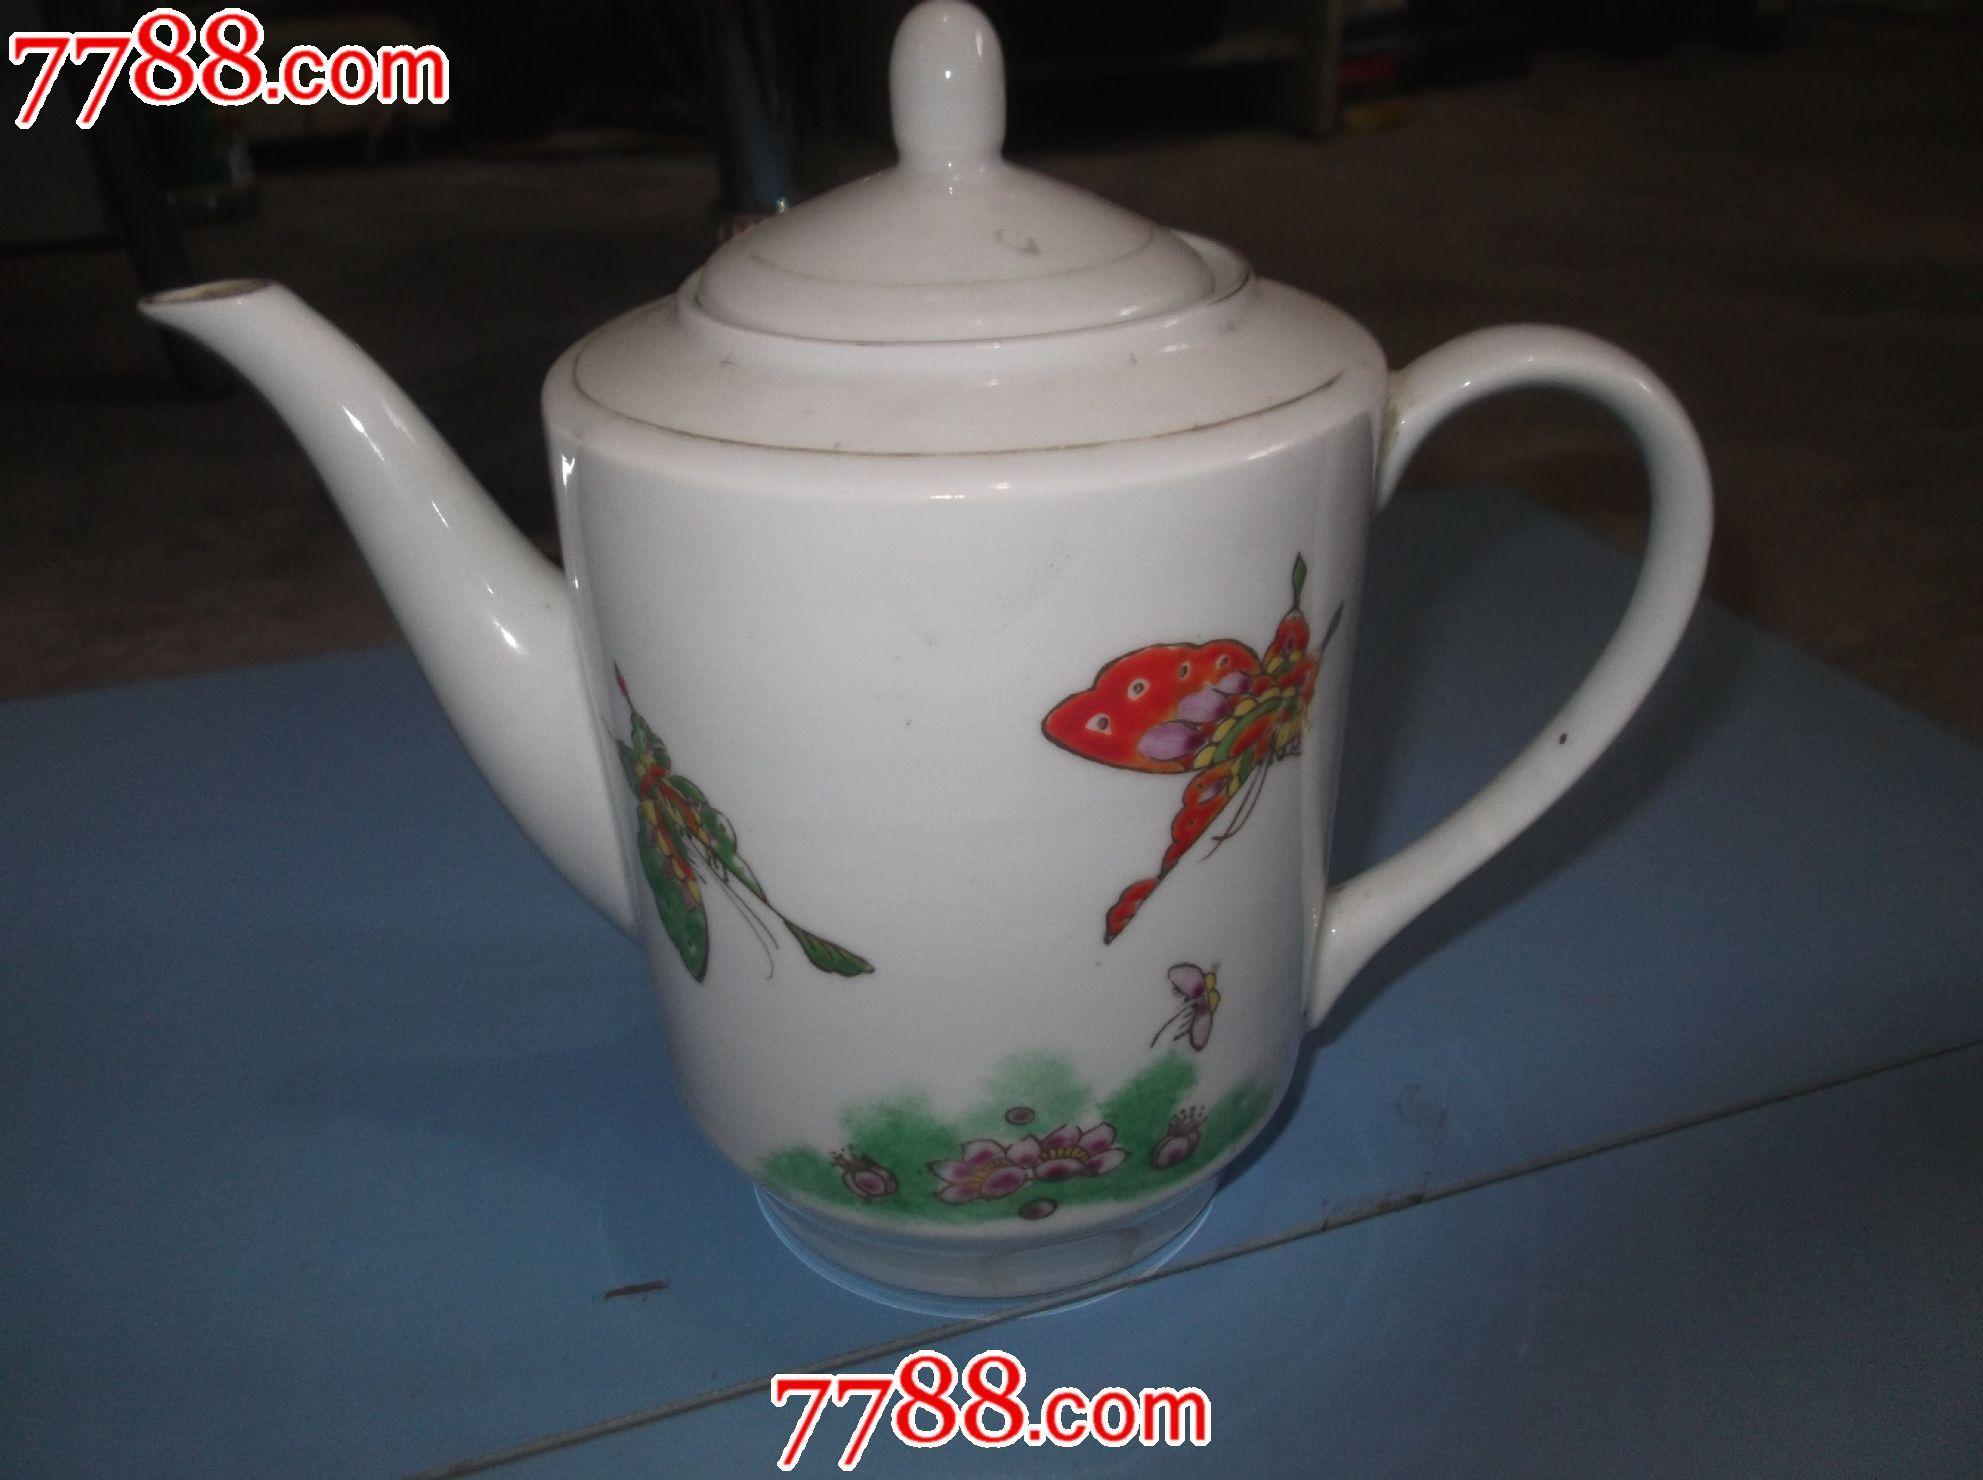 景德镇老瓷茶壶,手绘图,高19cm,把手至壶嘴长22cm